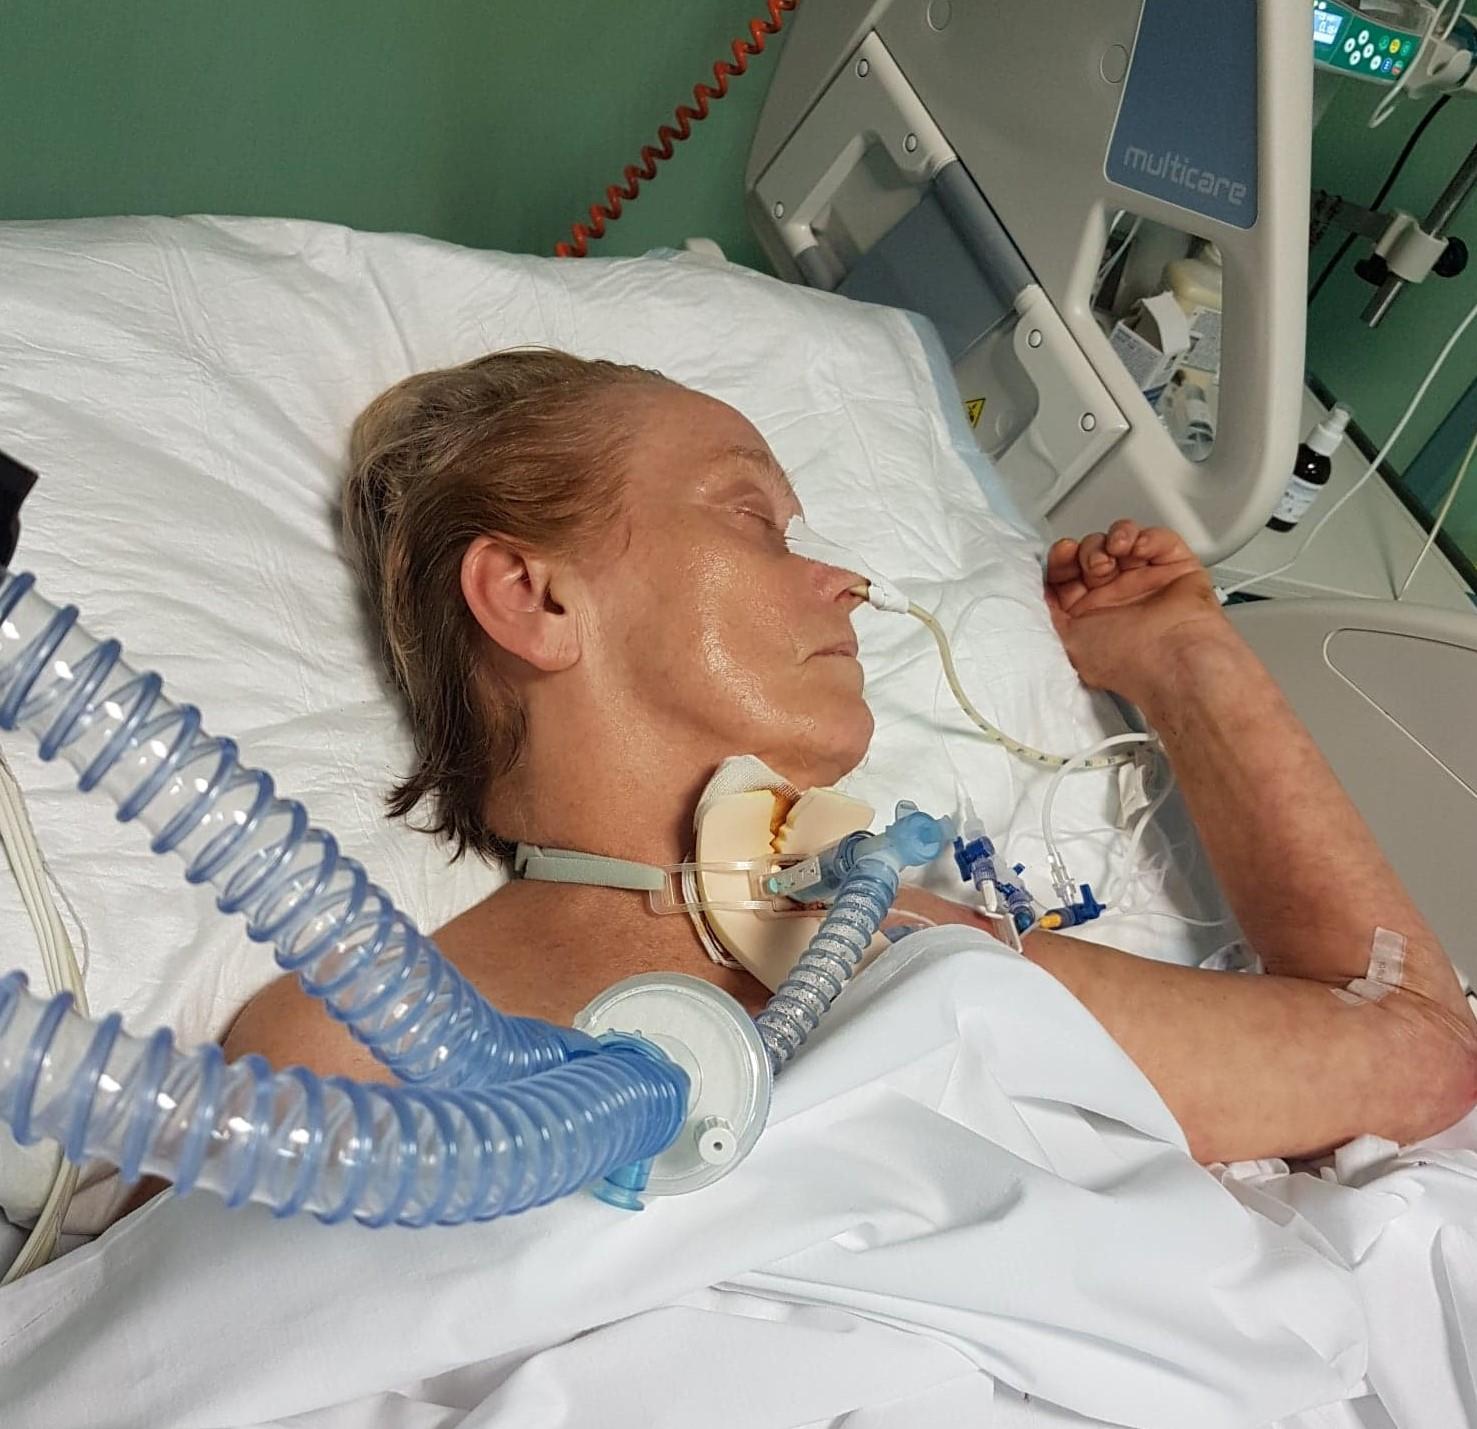 Włoscy lekarze i polski rząd odmówili jej pomocy. O życie matki walczyły córki! [ZDJĘCIA] - Zdjęcie główne